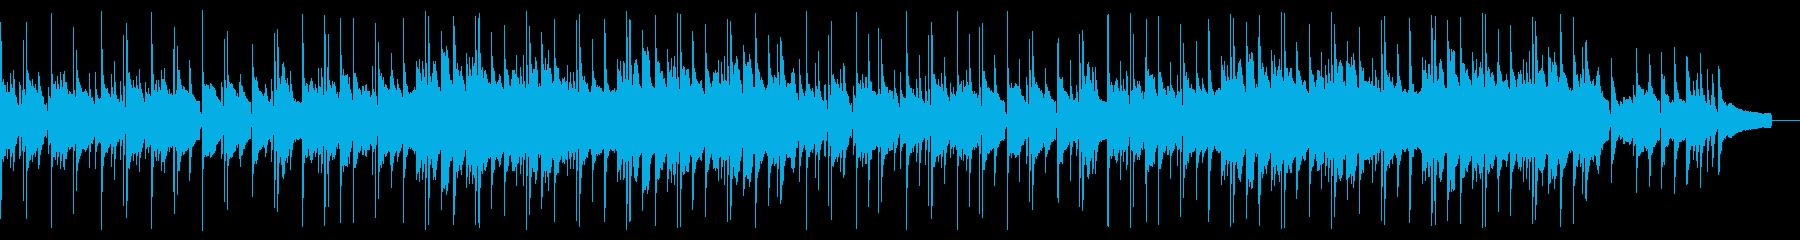 琴でゆったり透明感のある和風曲の再生済みの波形